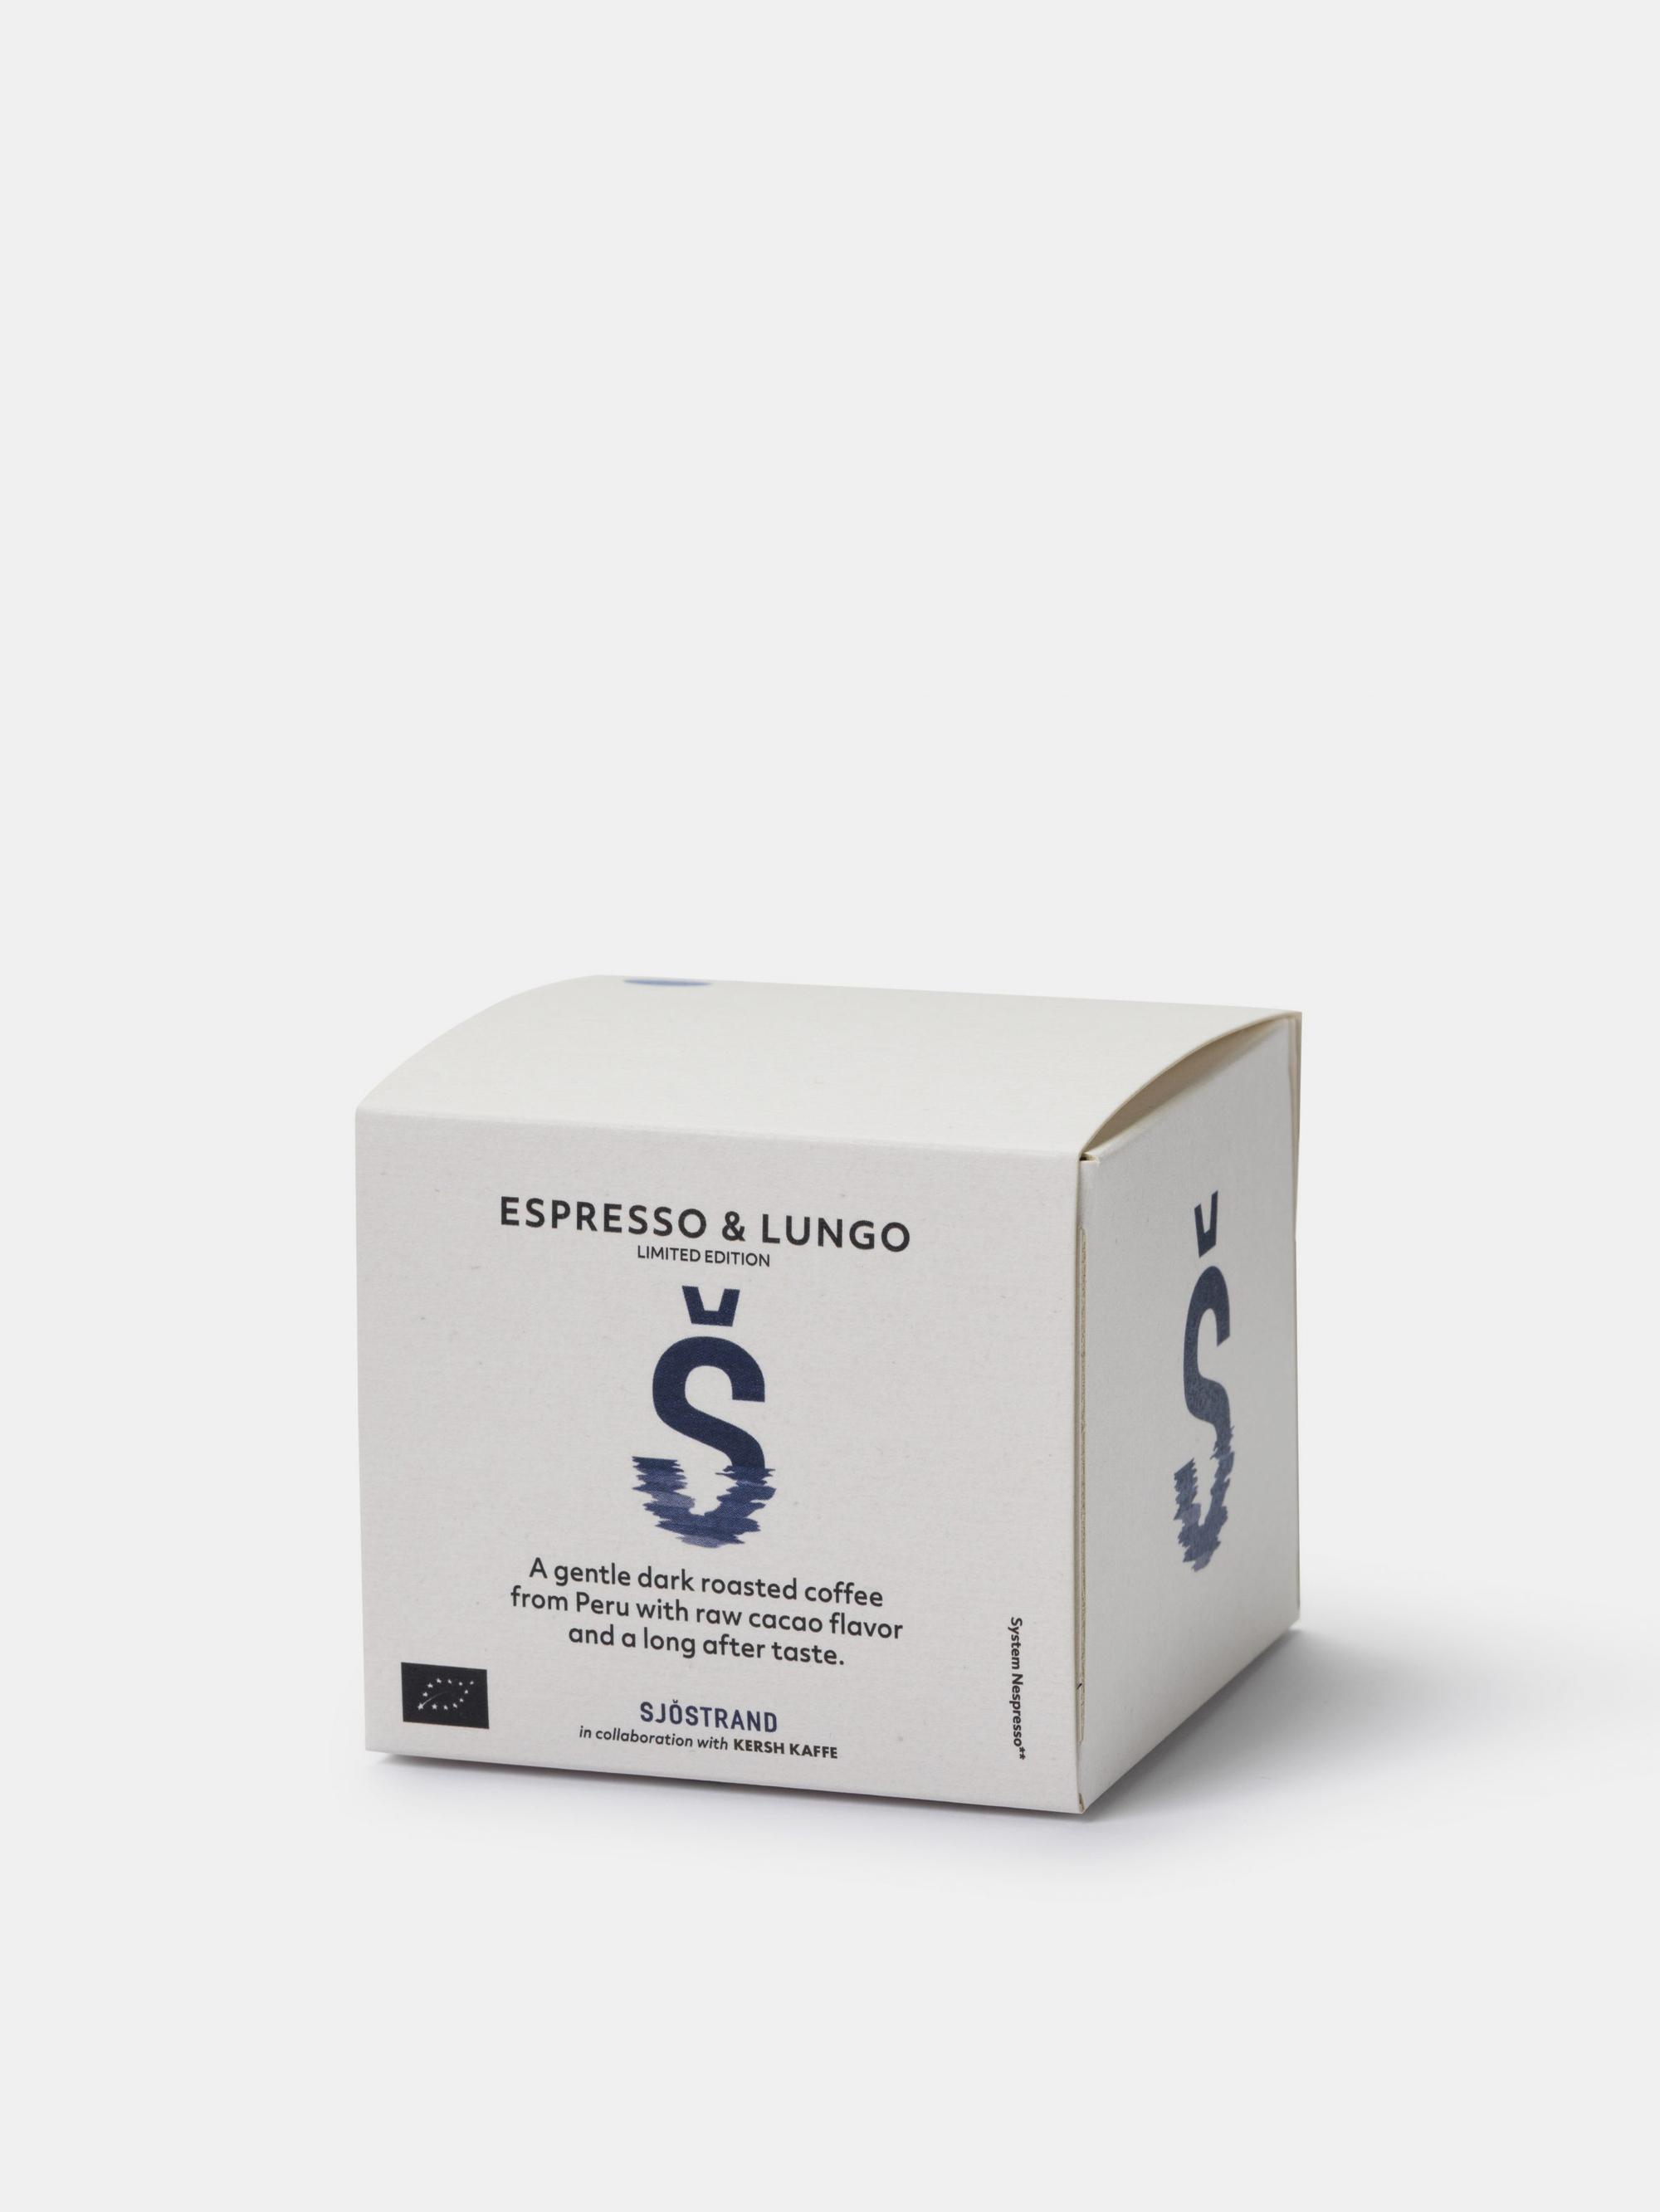 39545_3beb67c756-summer-coffee-capsule-box-side-scaled-zoom.jpg